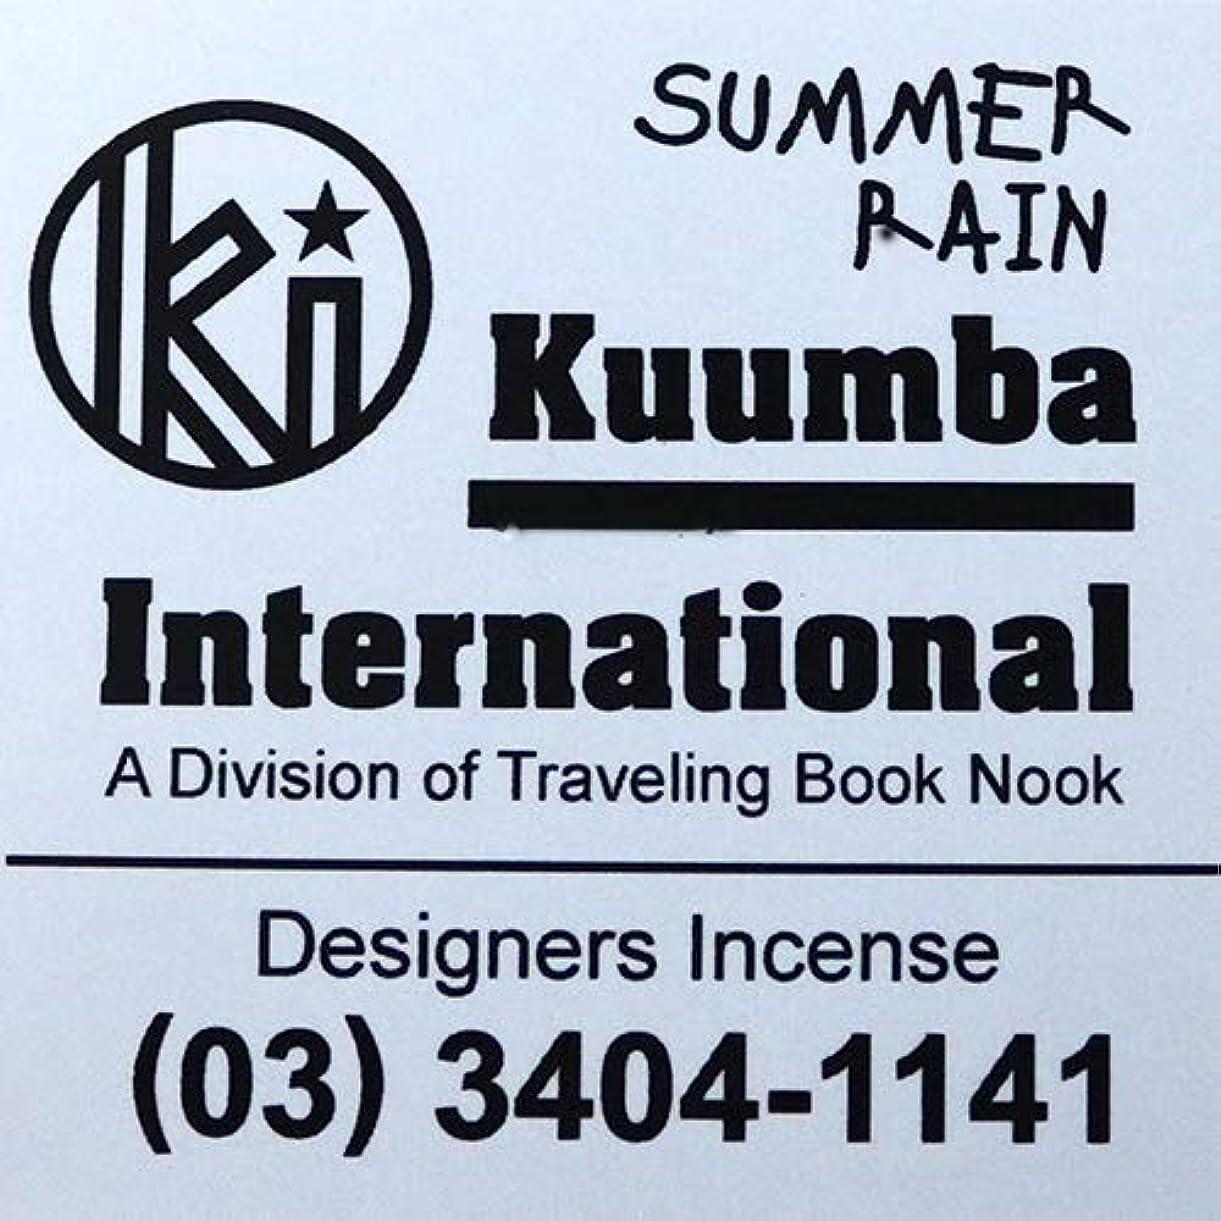 ペレット路地落ち着かない(クンバ) KUUMBA『incense』(SUMMER RAIN) (SUMMER RAIN, Regular size)